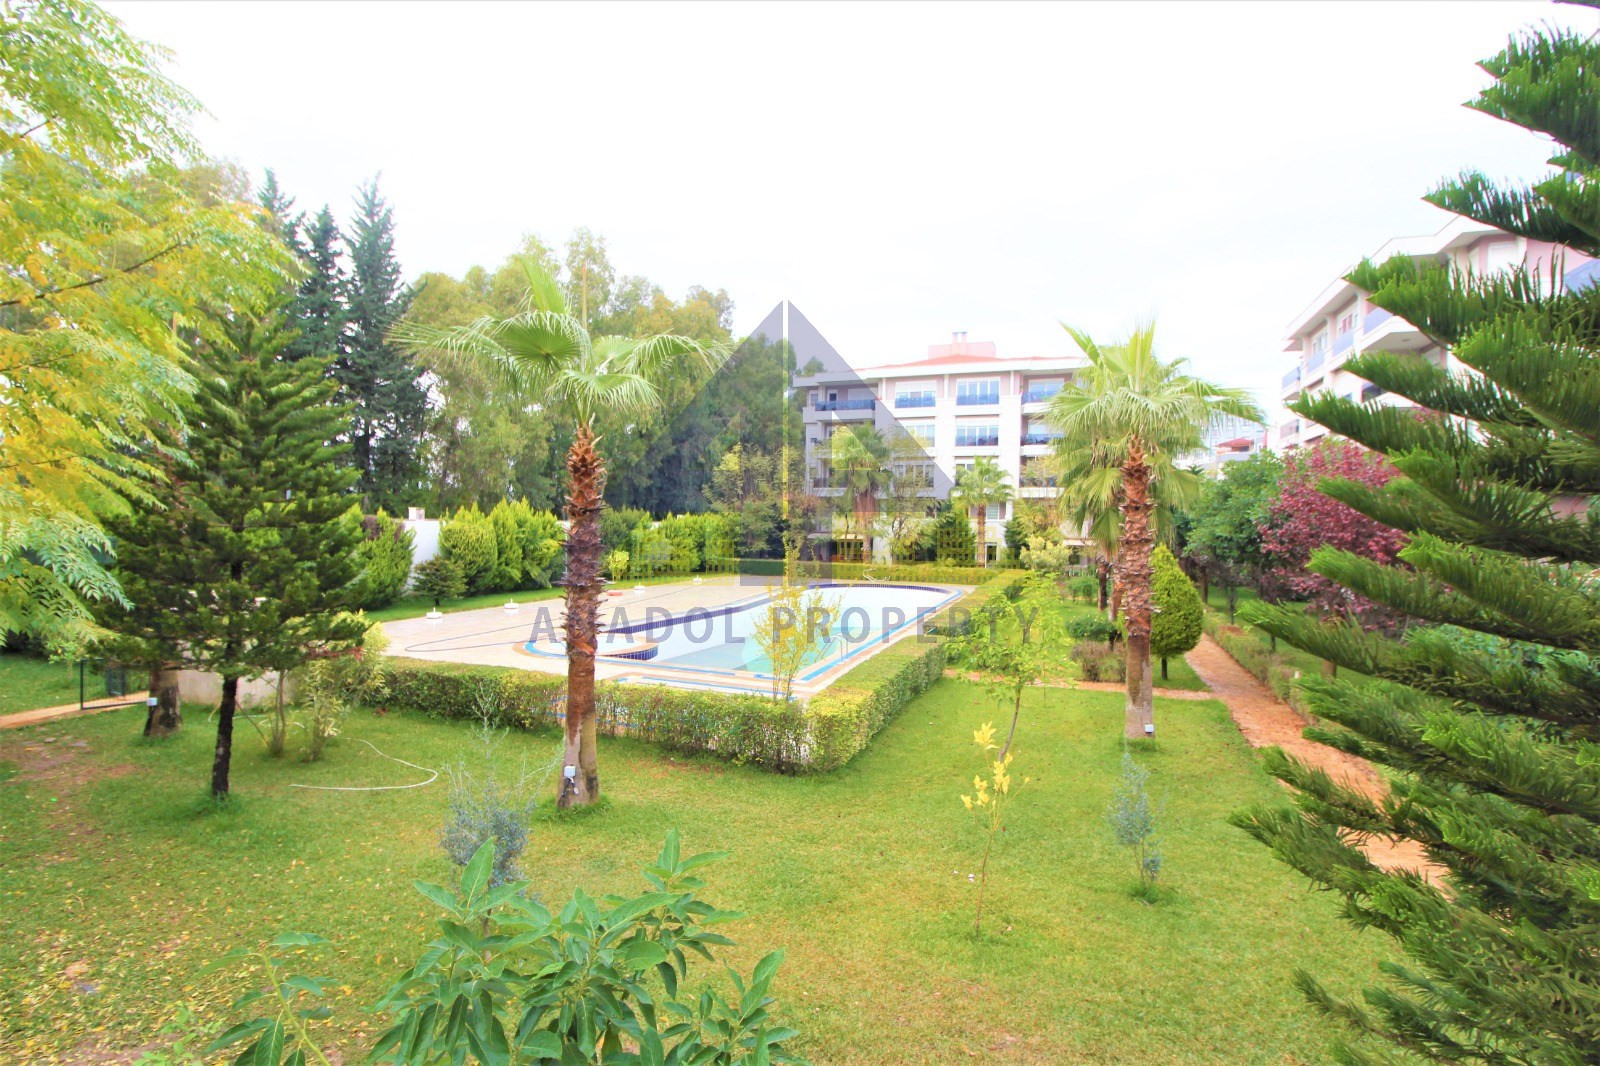 للمهتمين بالجنسية التركية شقة للبيع في انطاليا ضمن مجمع سوبر ديلوكس